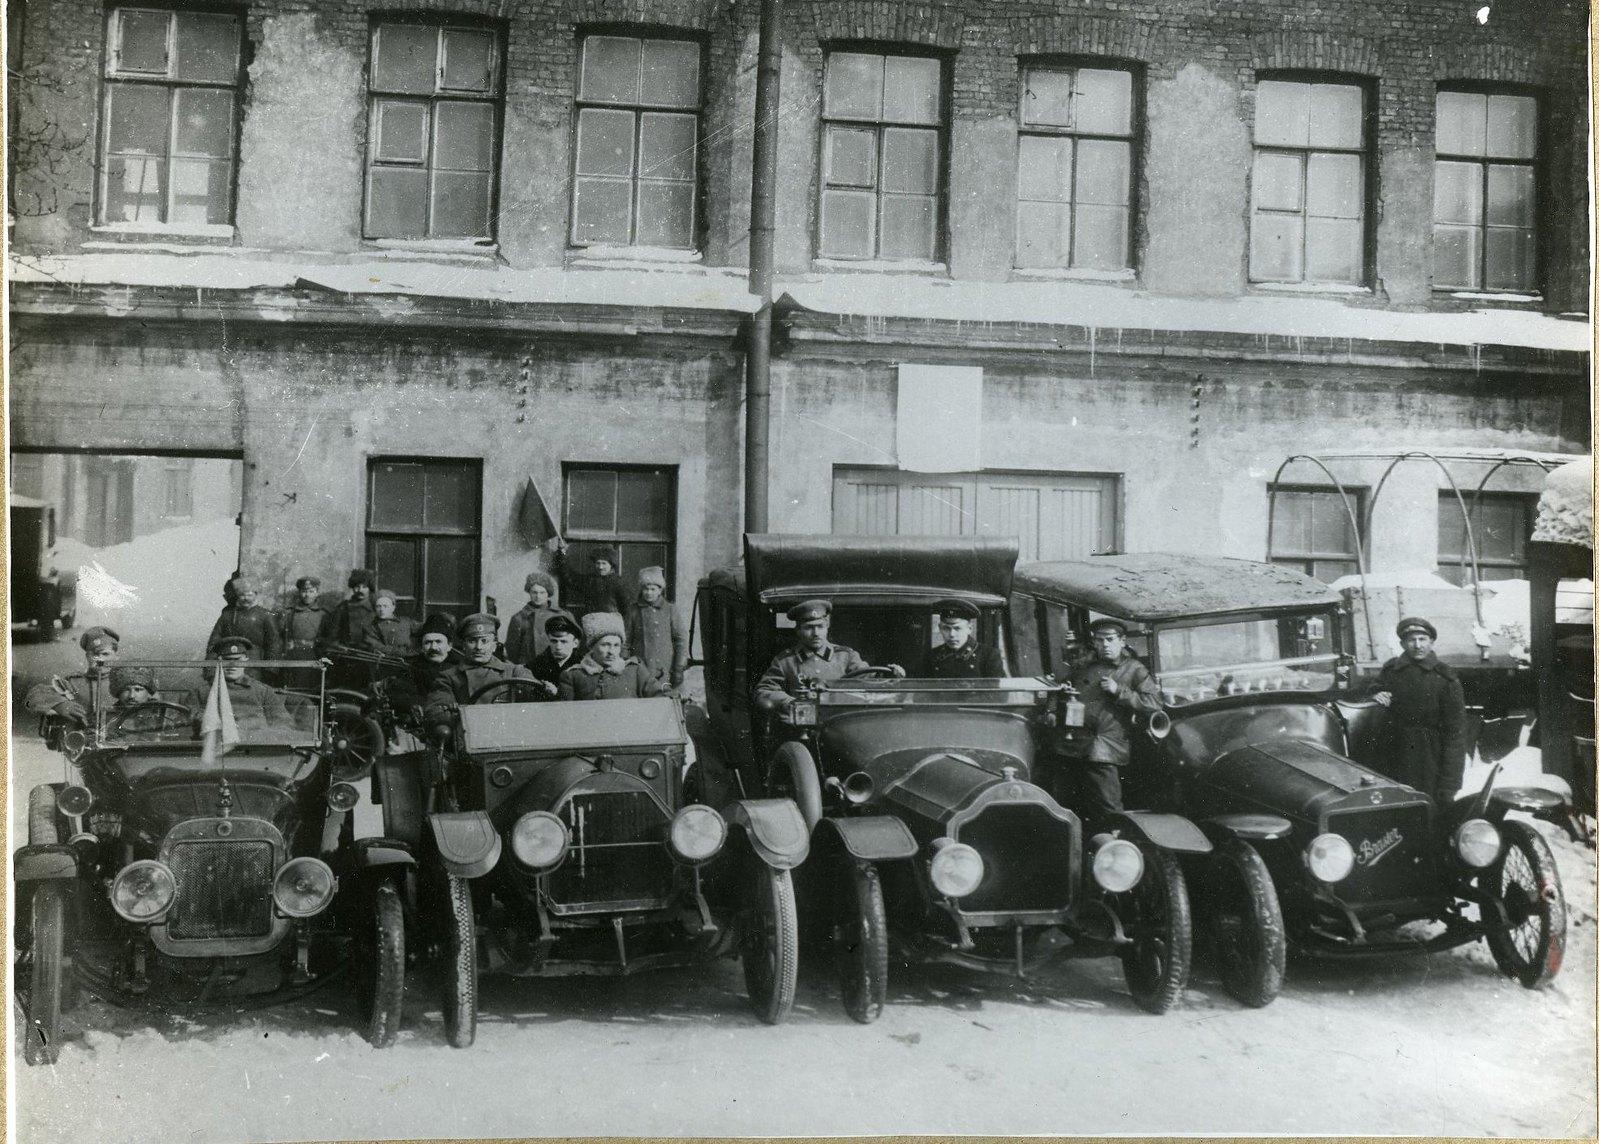 1918. Петроградский отряд автодивизиона им. Я.М. Свердлова